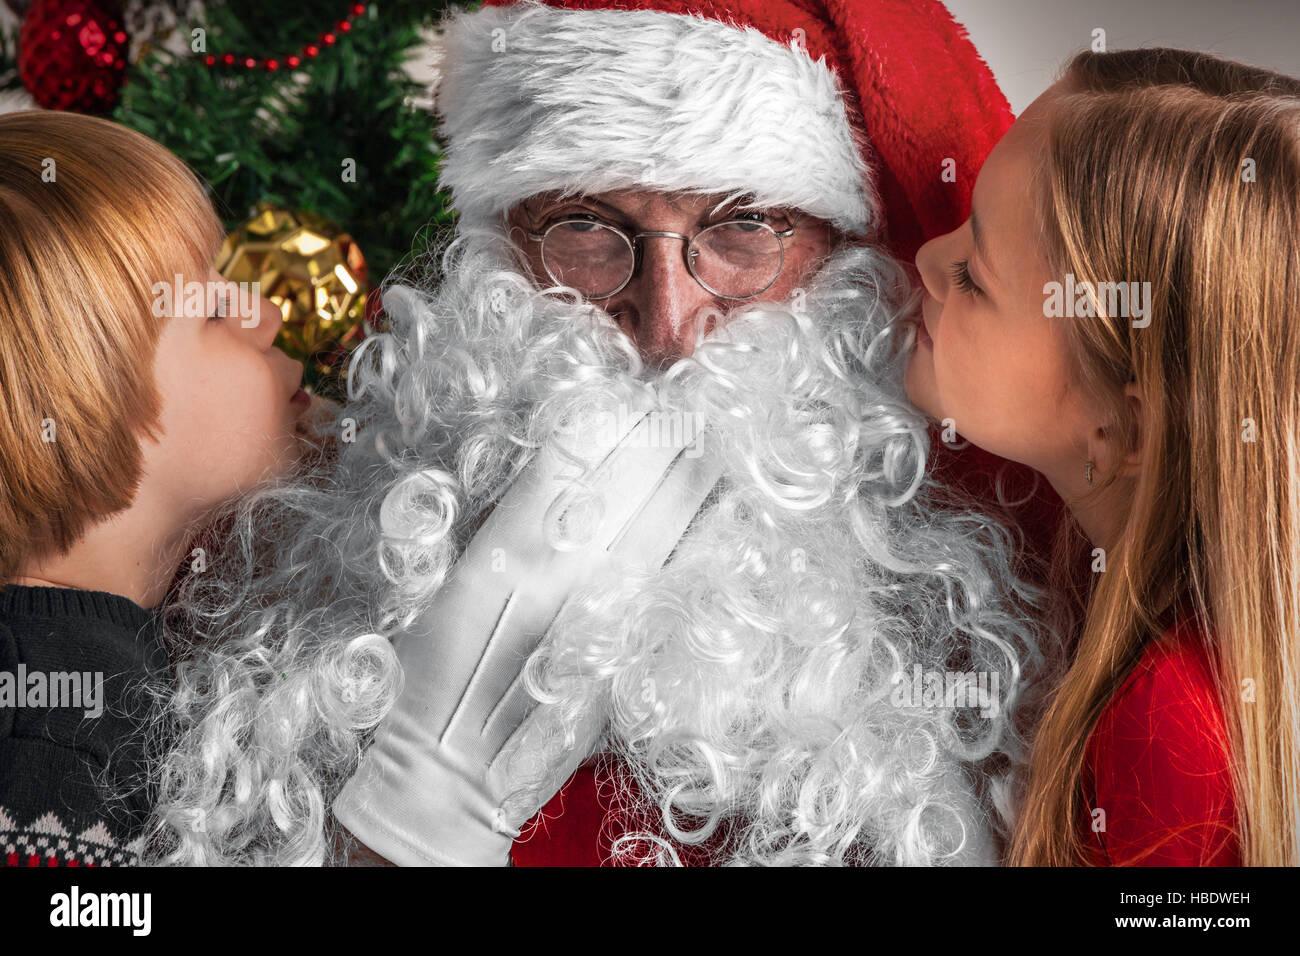 Kleine Kinder sagen Weihnachtswünsche in Santa Claus Ohr Stockfoto ...